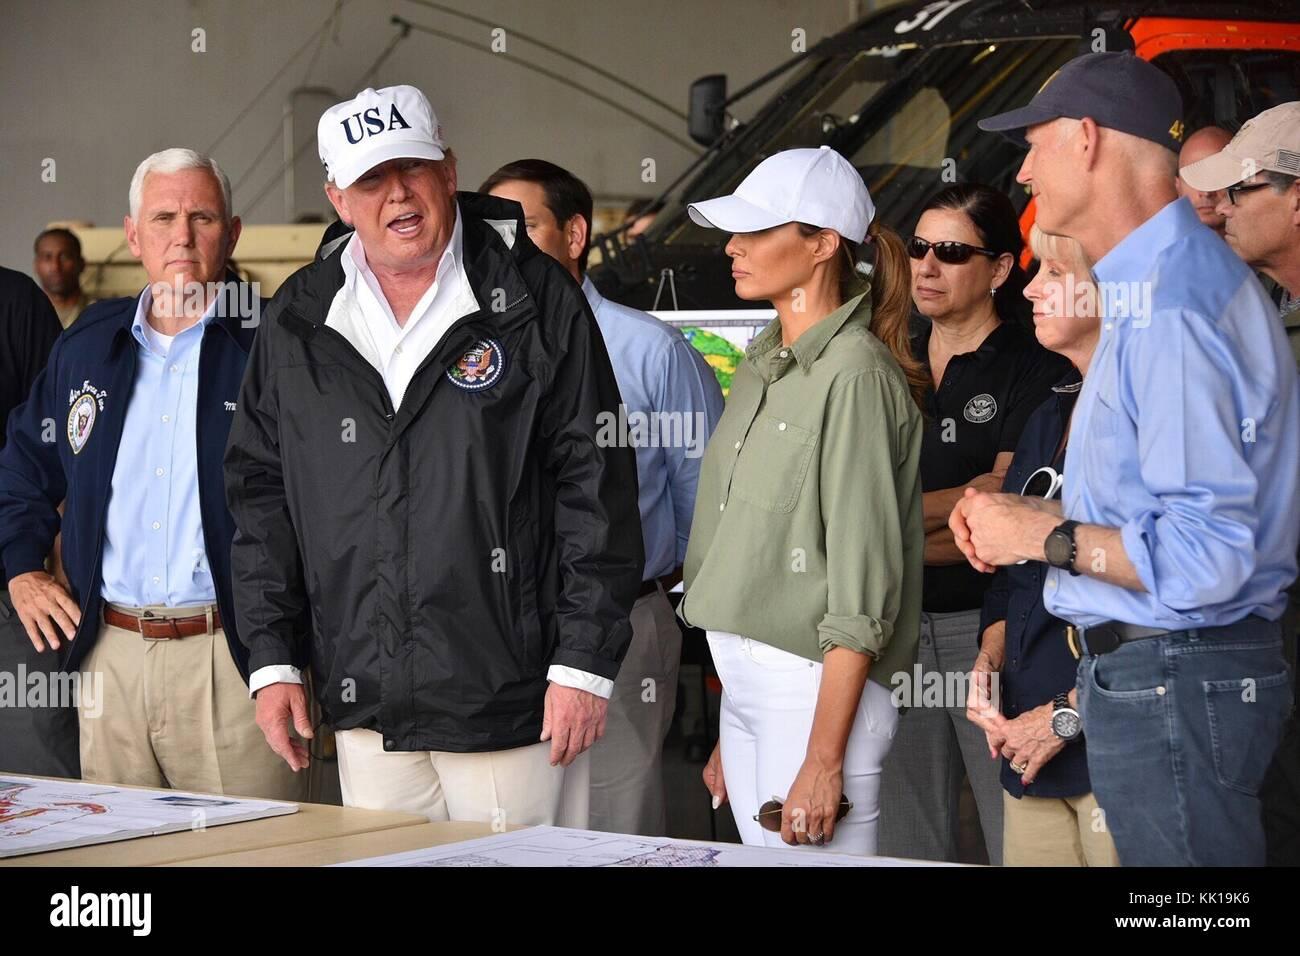 Us-Präsident Donald Trump spricht mit Ersthelfer bei einem Besuch in der Nachmahd des Hurrikans Irma am 14. Stockbild